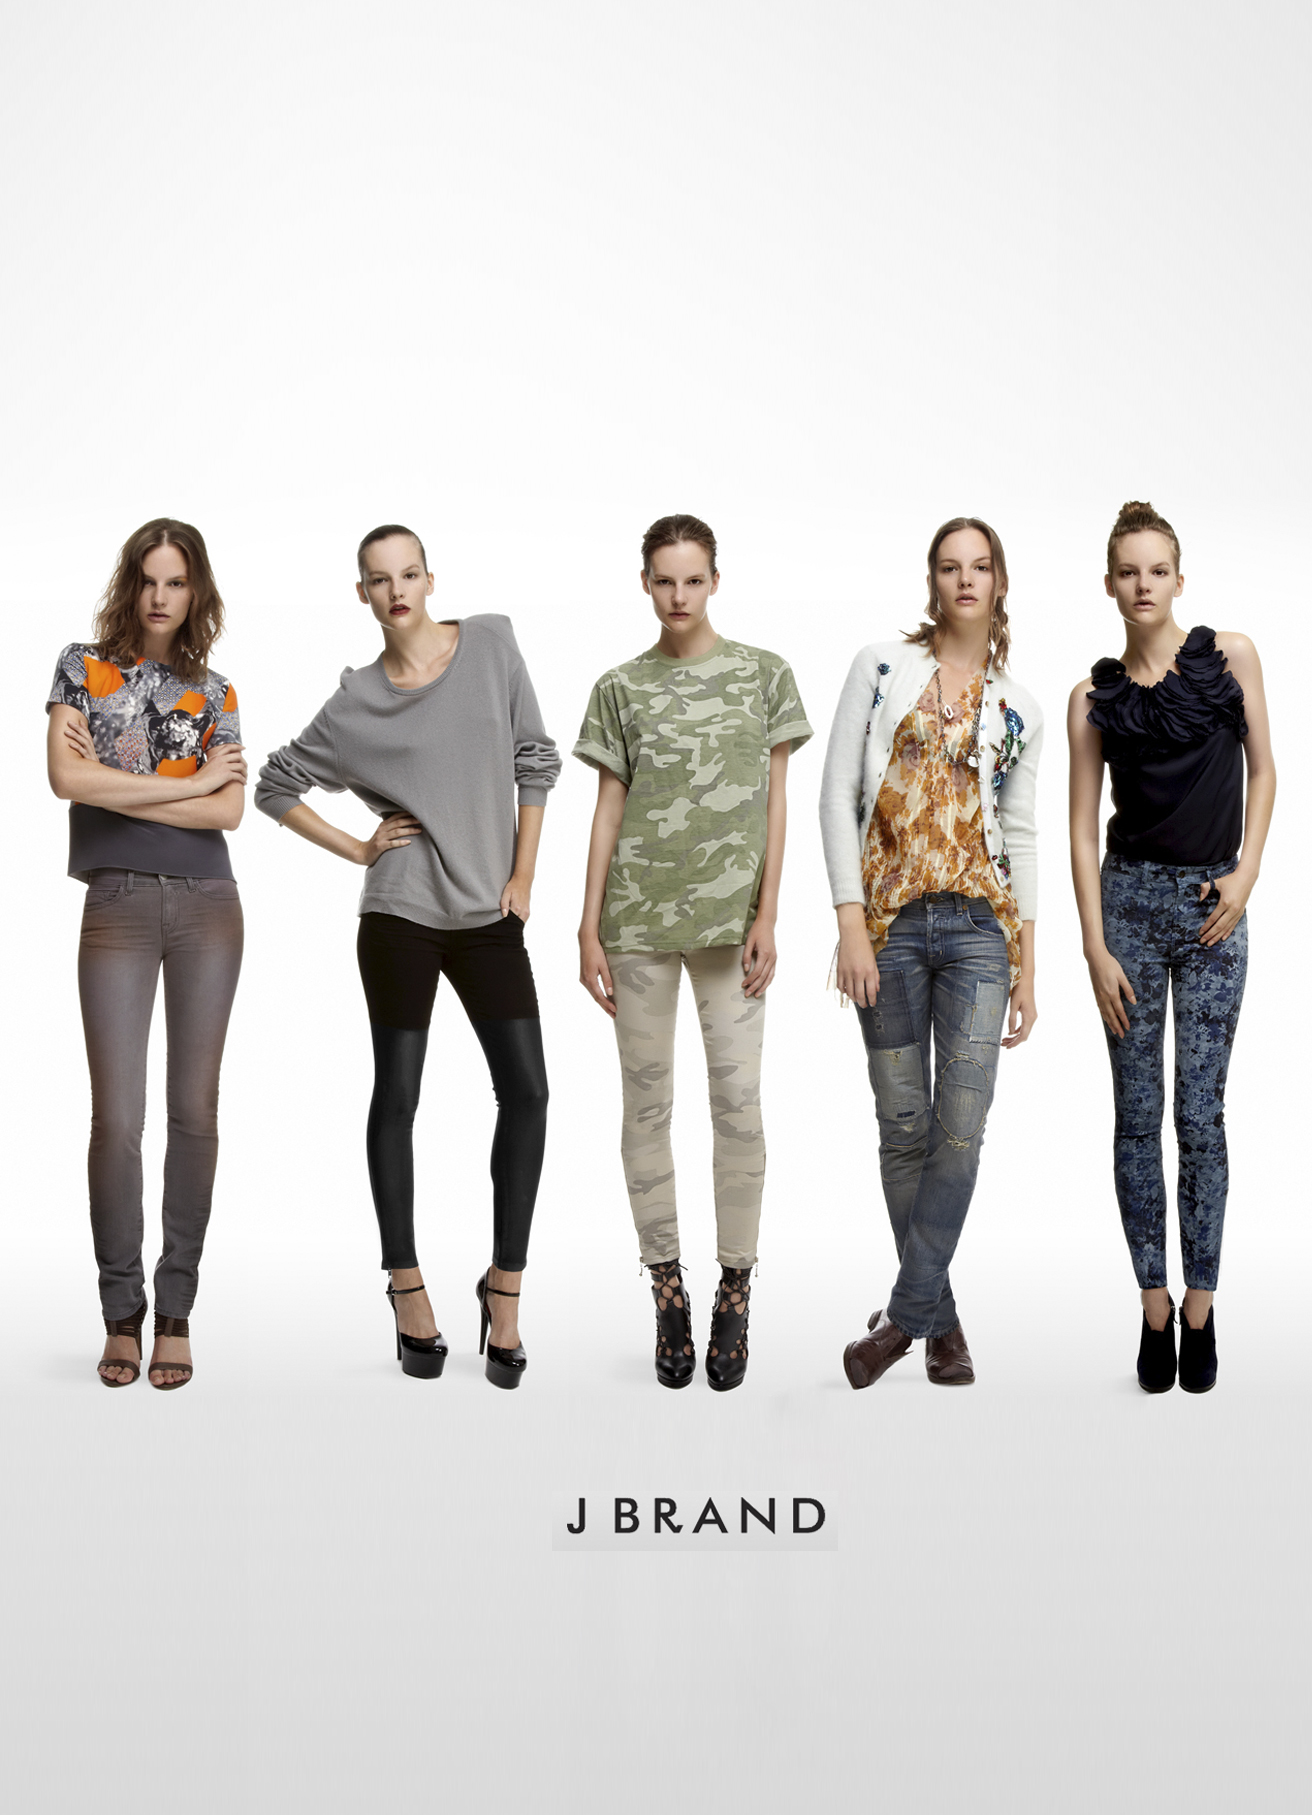 J Brand-5x5.jpg